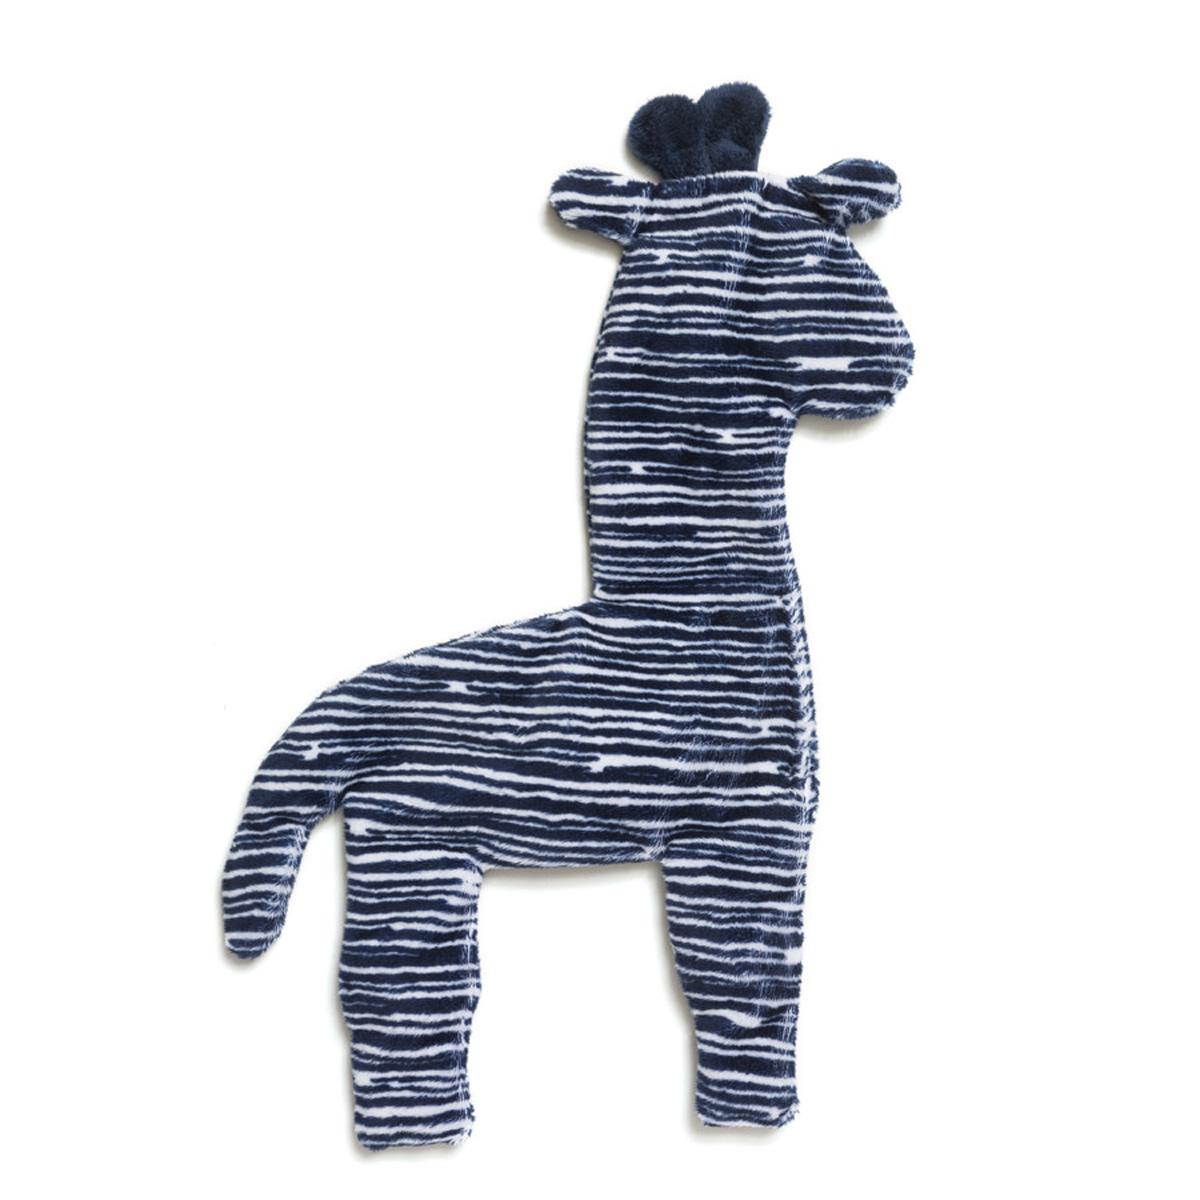 Floppy Giraffe Stuffing-Free Dog Toy - Navy Stripe